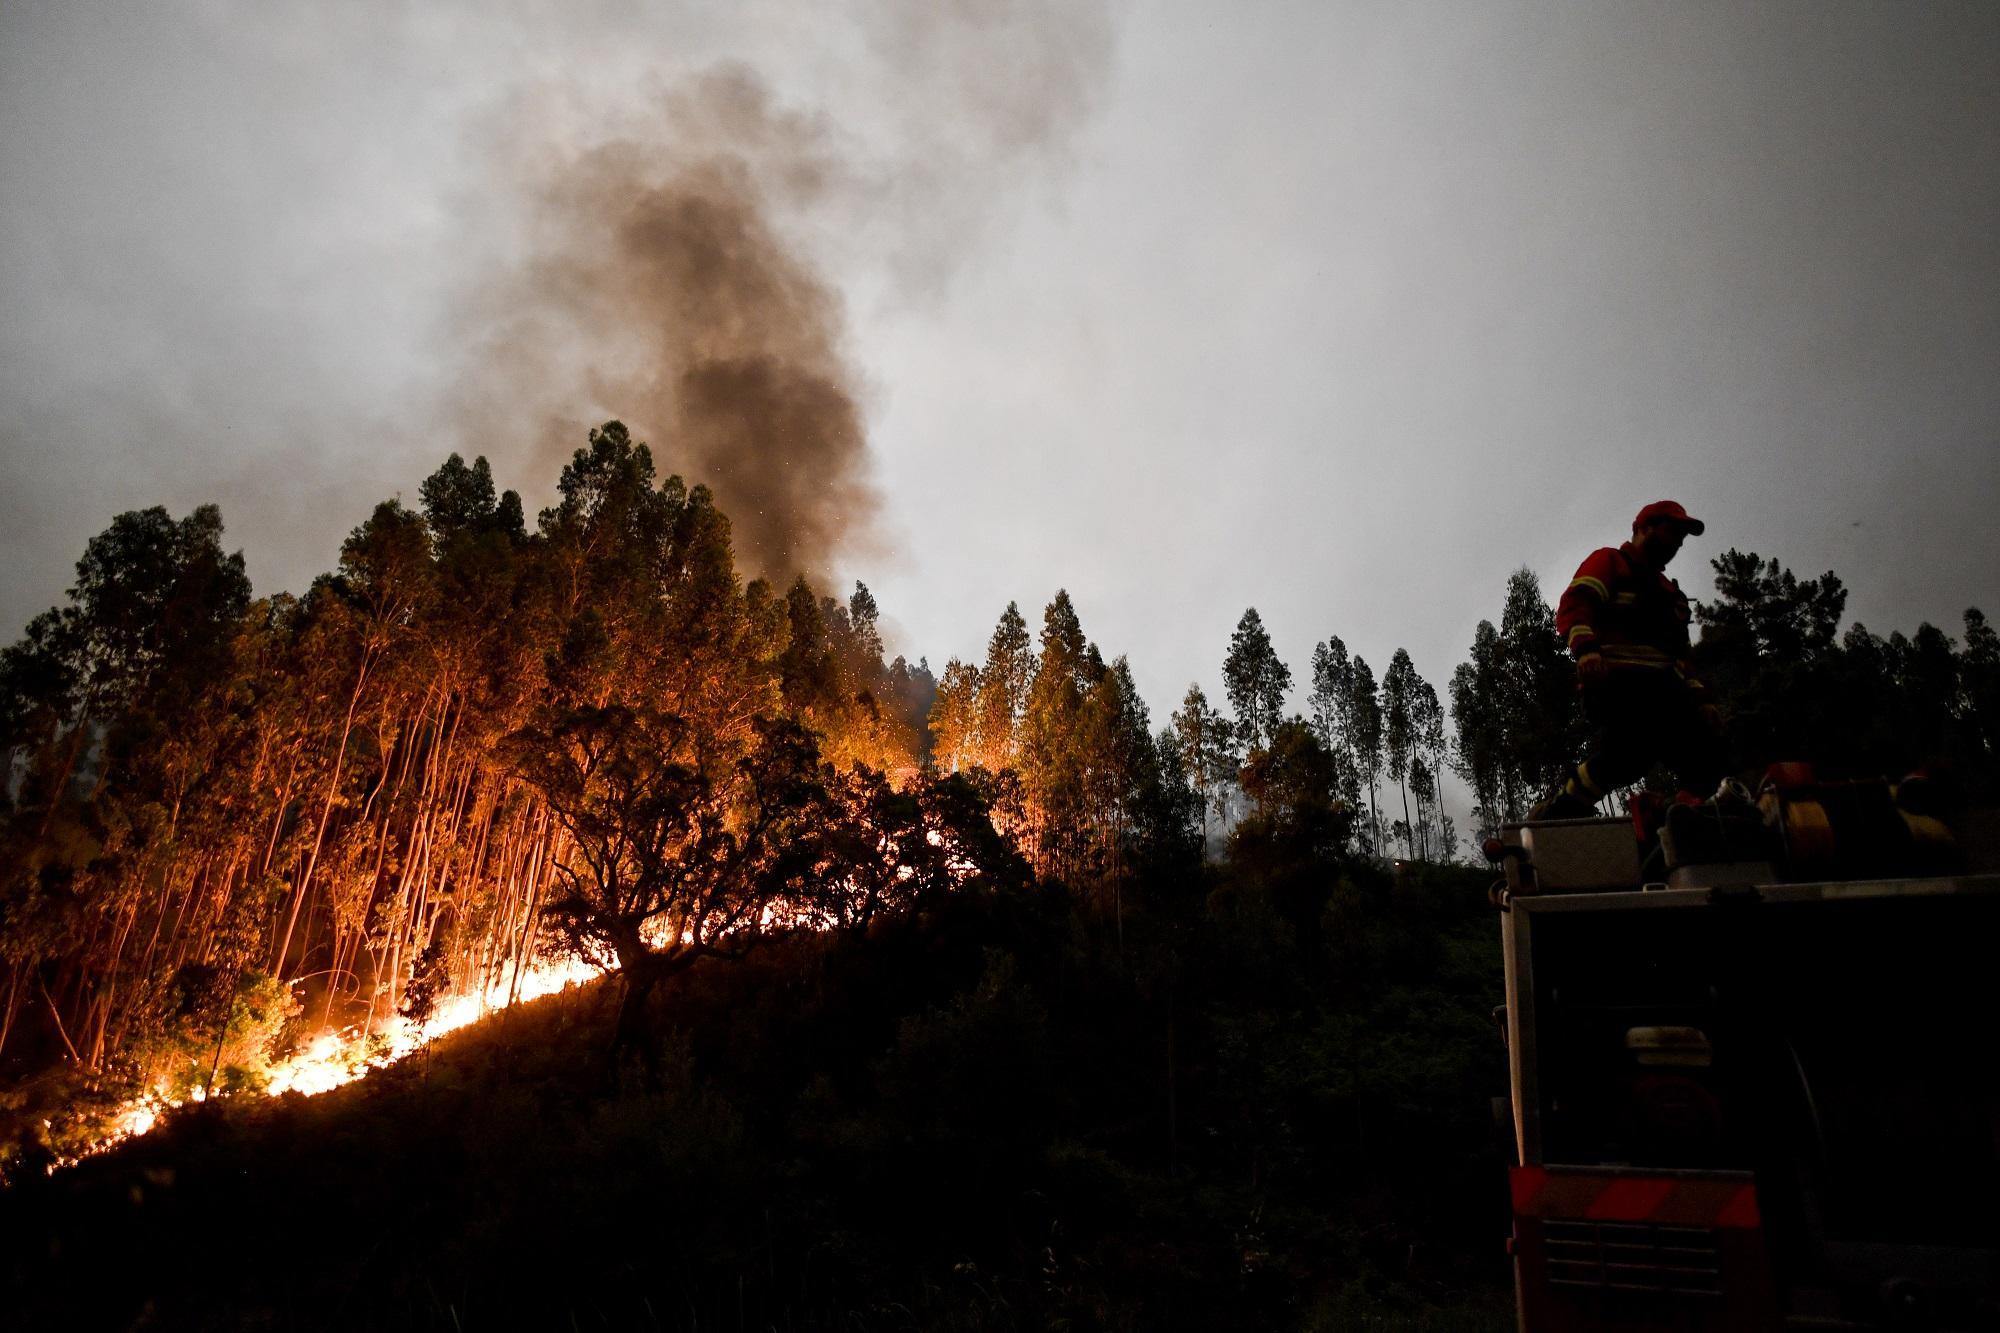 Incendio in Portogallo: decisi tre giorni di lutto nazionale